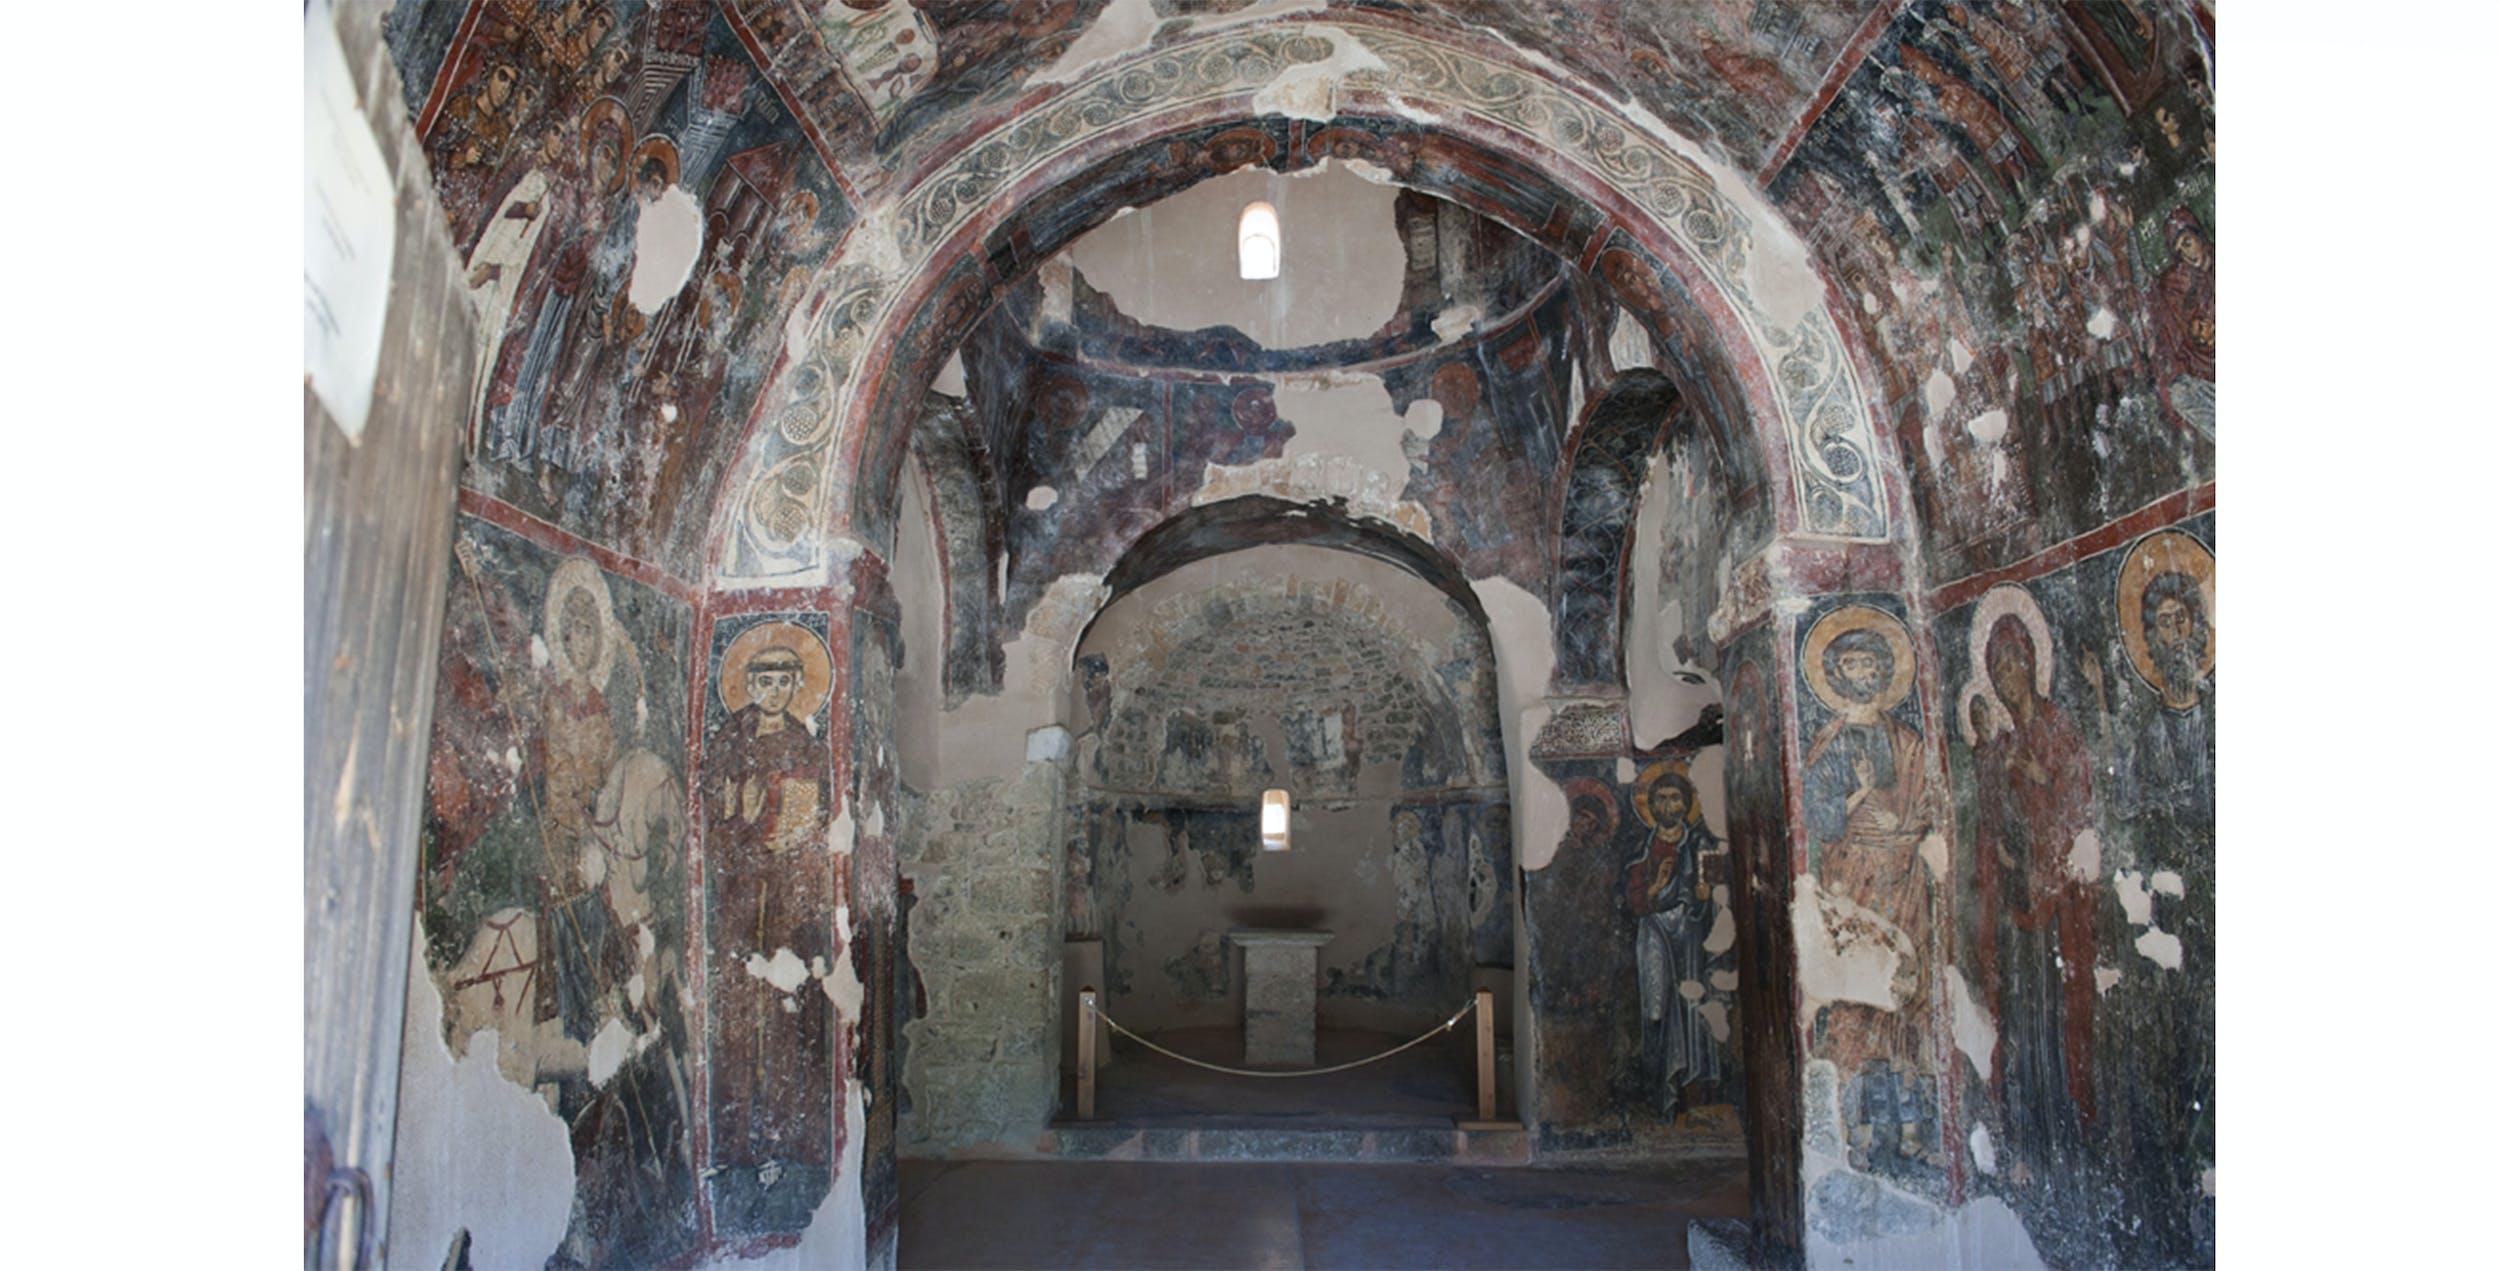 Teoria dei santi, chiesa greco ortodossa di Panagia Kera, a Kritsà (Creta), sec. XIV